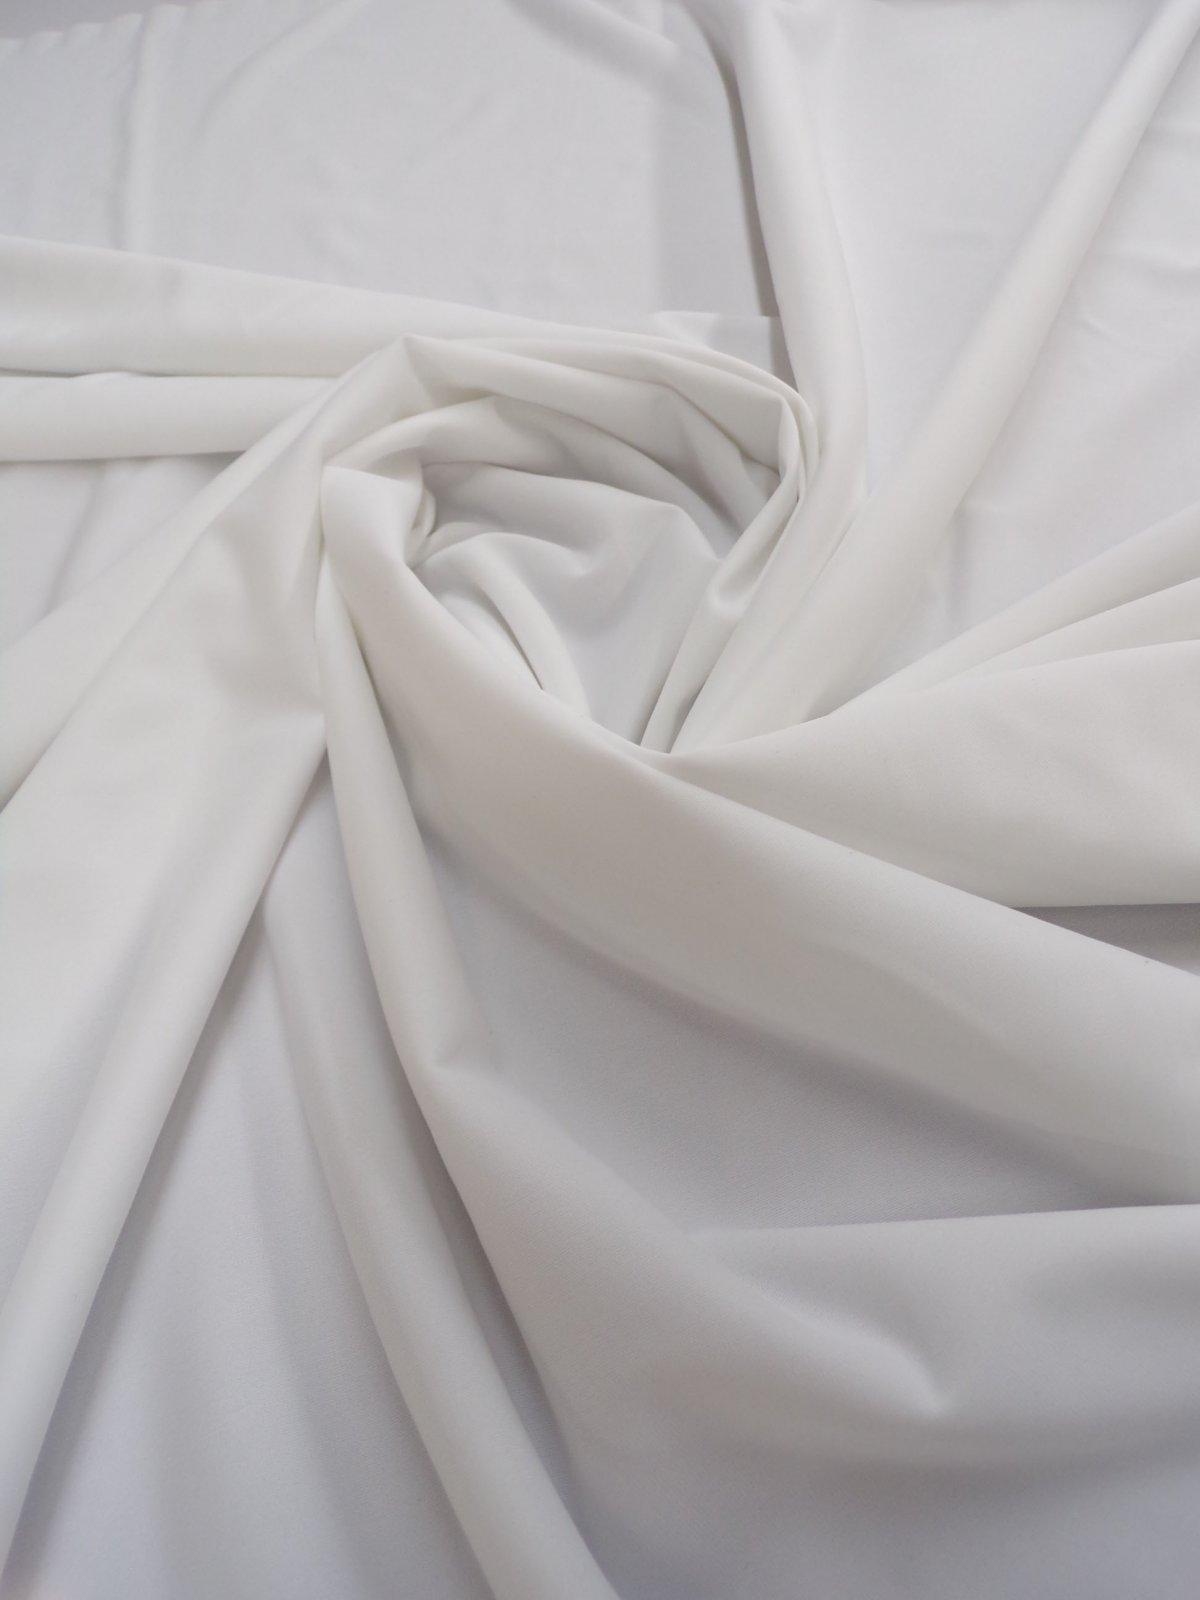 40 Denier Nylon Tricot - White